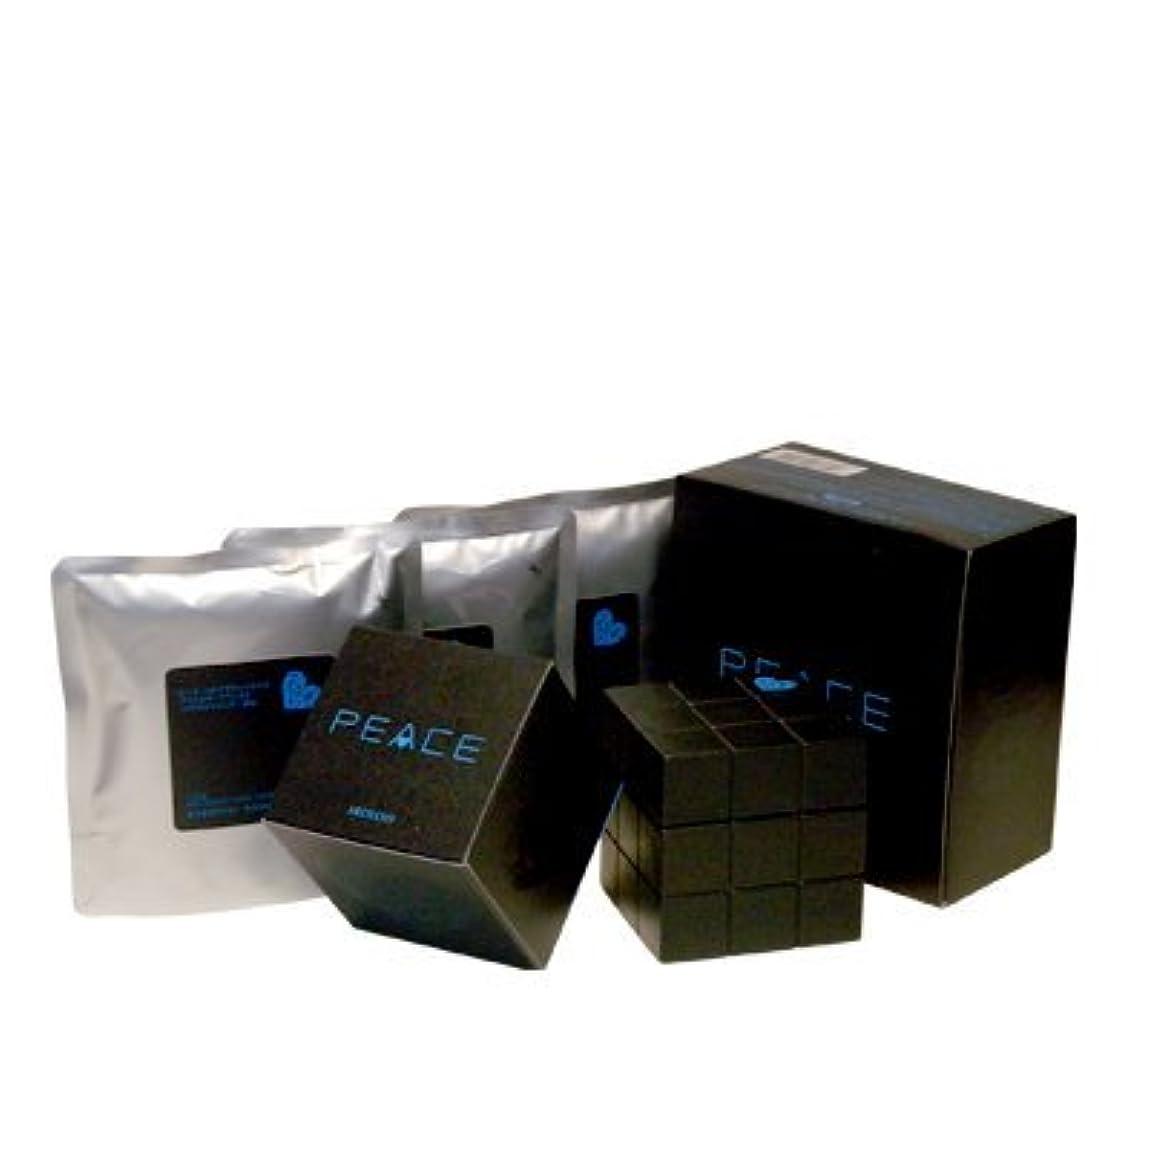 隔離収容するそれるアリミノ ピース プロデザインシリーズ フリーズキープワックス ブラック80g+詰め替え80g×3